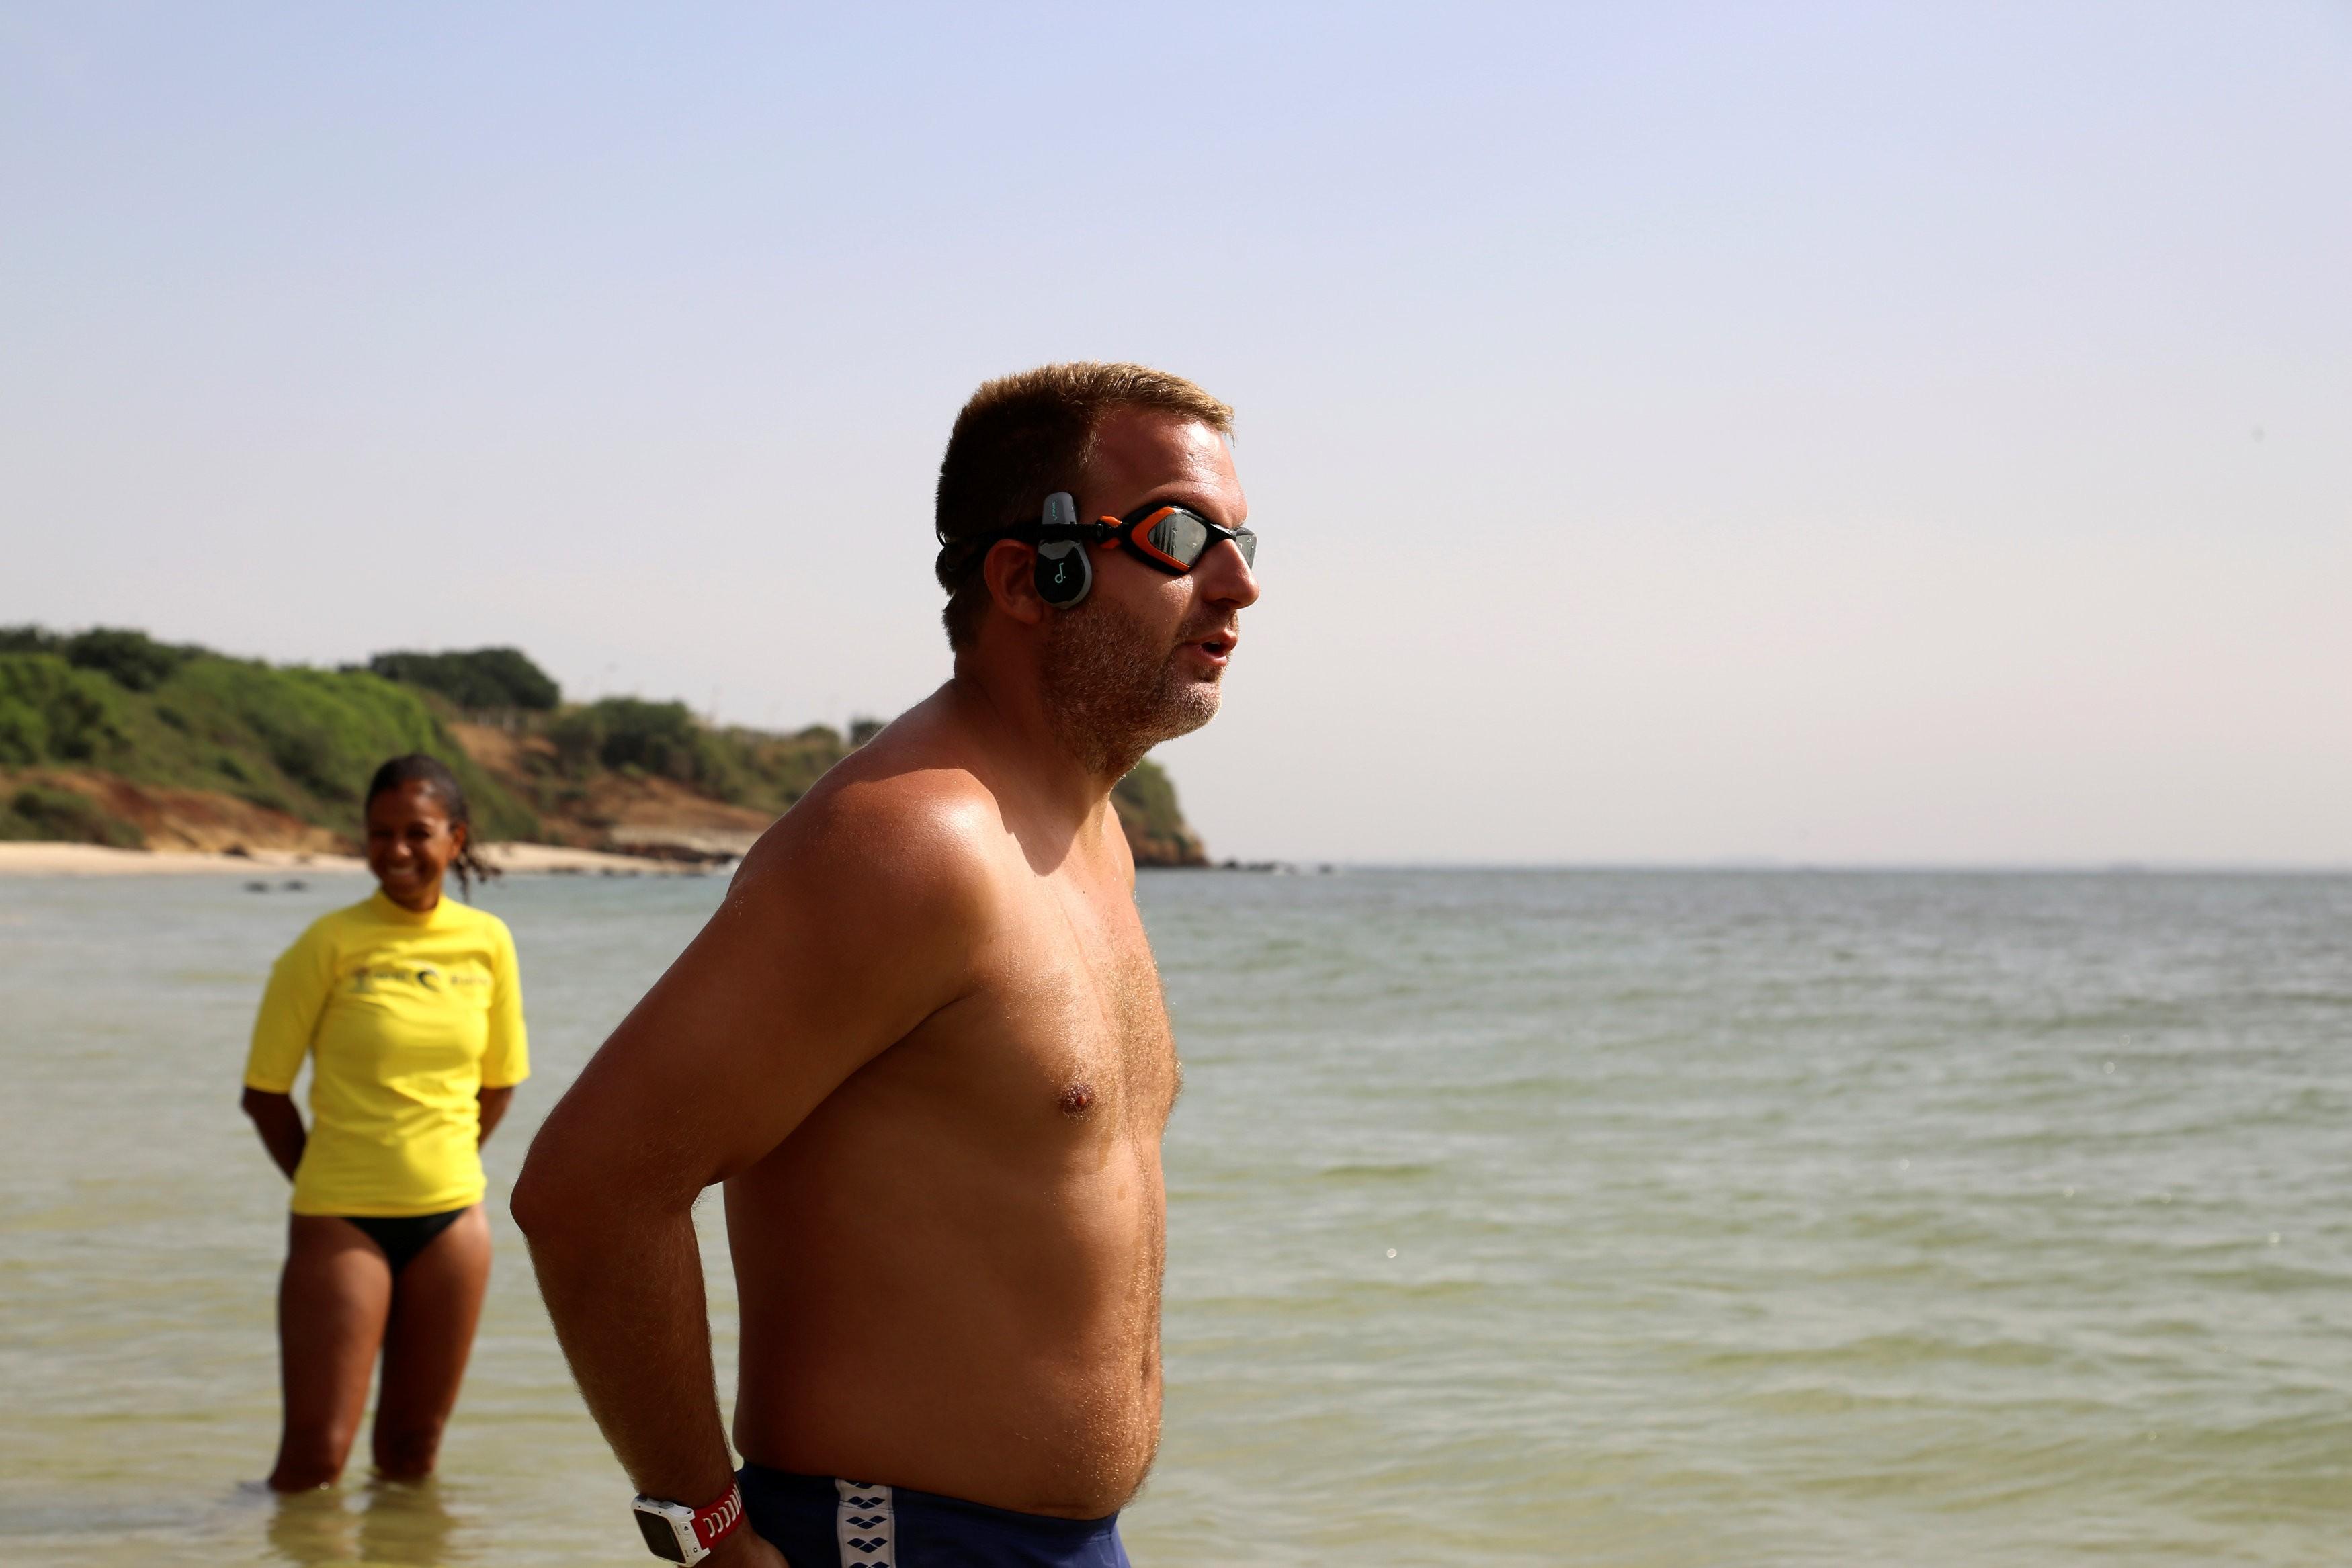 O nadador britânico Ben Hooper quer se tornar a primeira pessoa a atravessar o Oceano Atlântico a nado. (Foto: Emma Farge/Reuters)